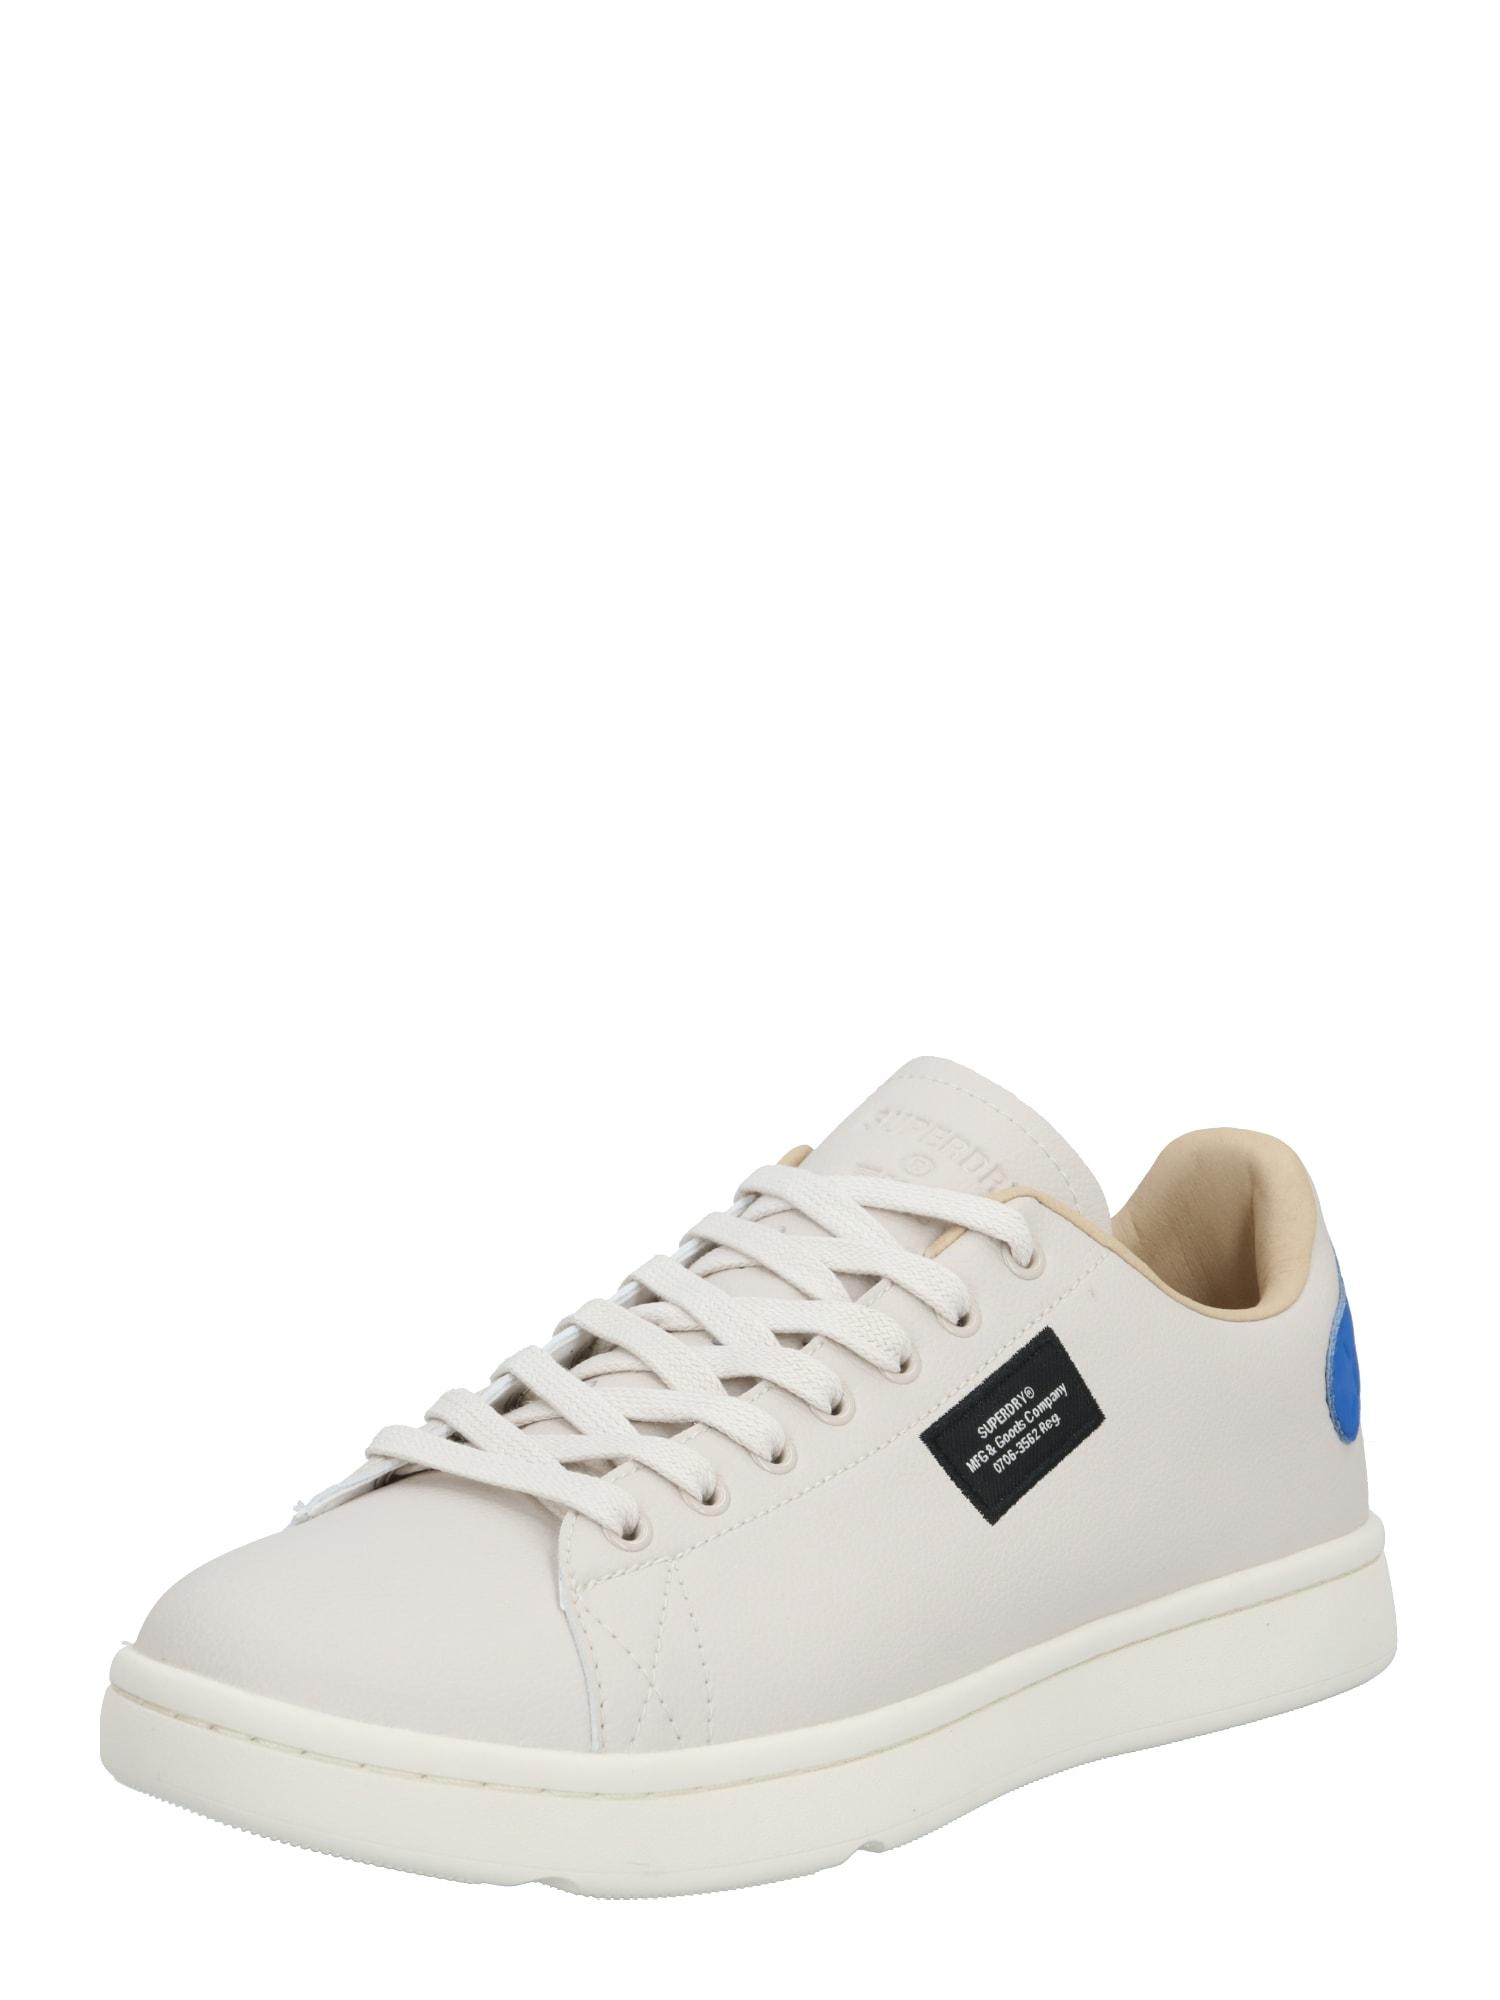 Superdry Sportiniai batai mėlyna / gelsvai pilka spalva / kremo